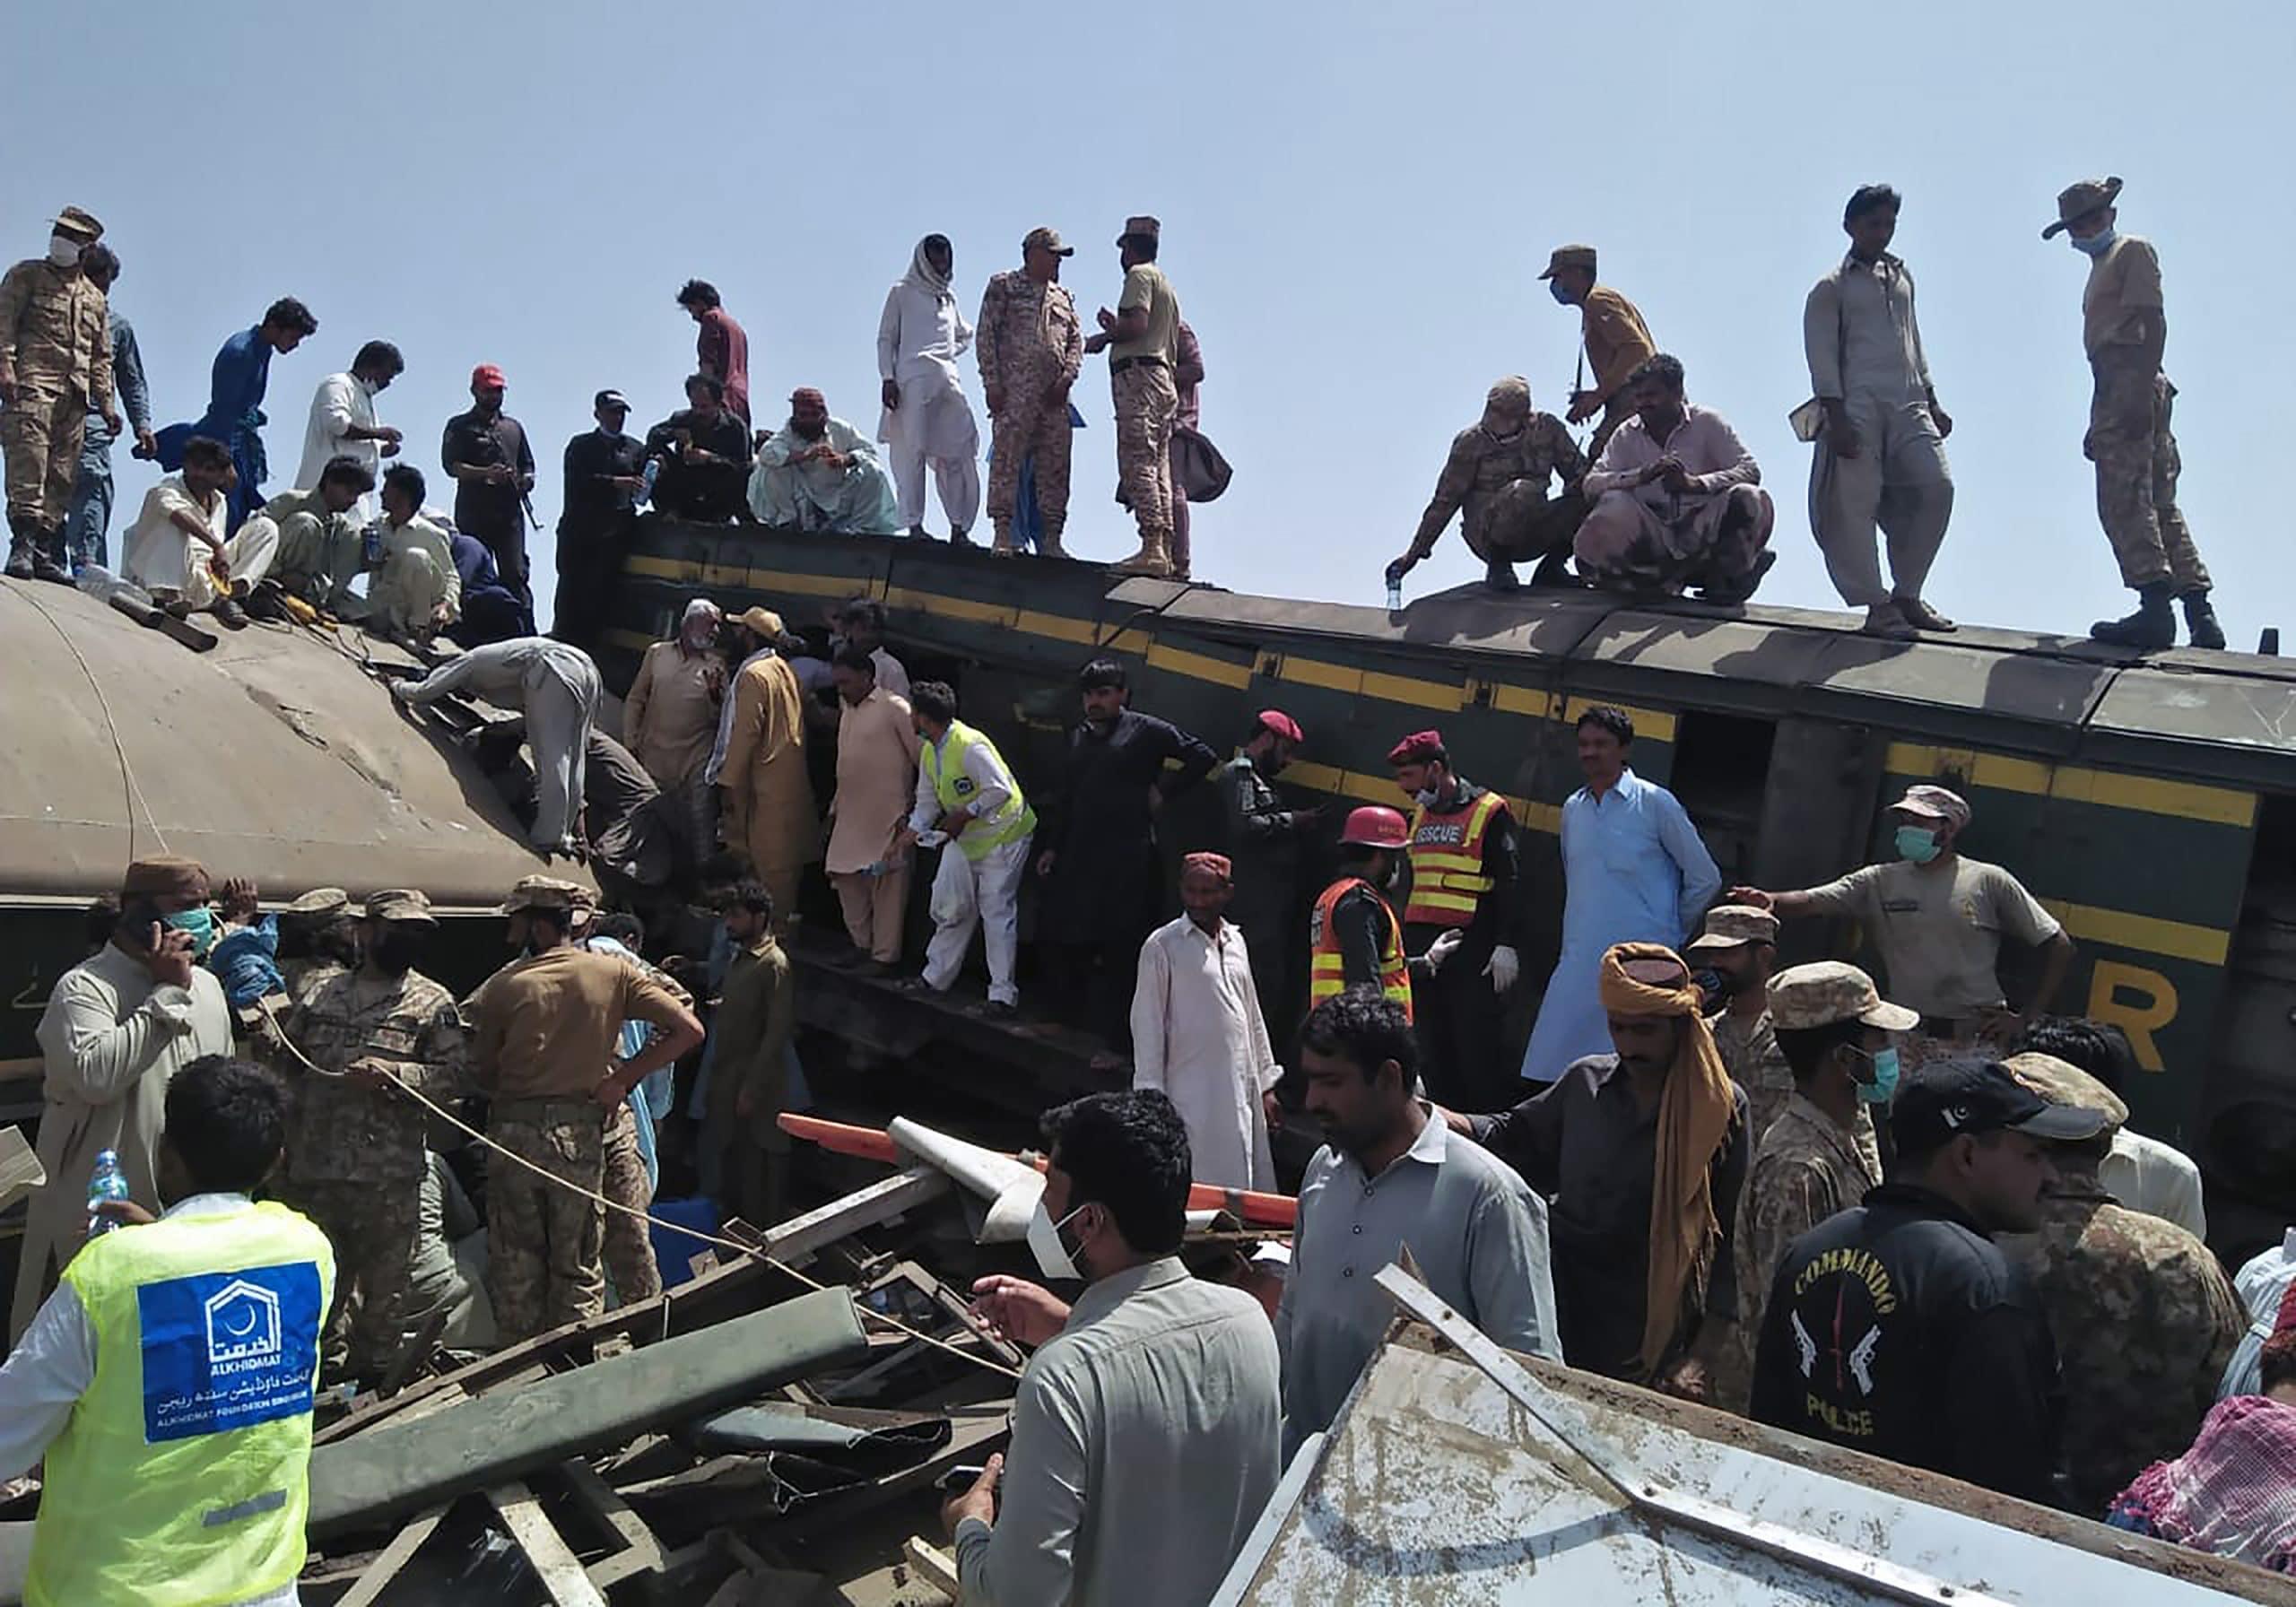 Novi bilans: U železničkoj nesreći u Pakistanu stradala 51 osoba 1